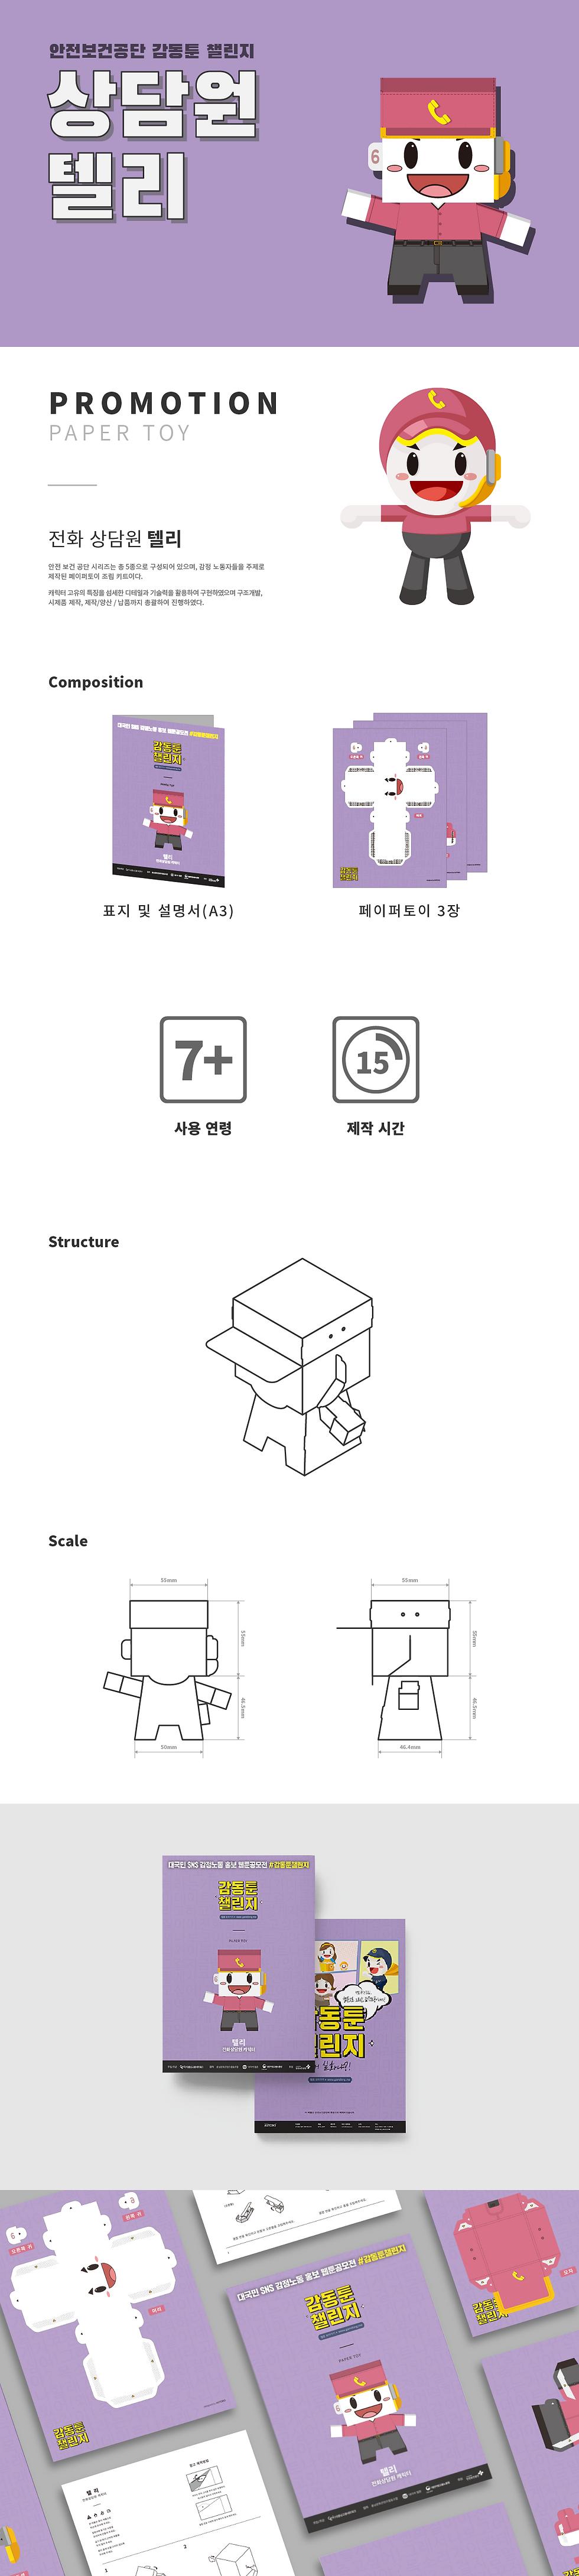 02-22. [2017] 안전보건공단_상세페이지_2.png